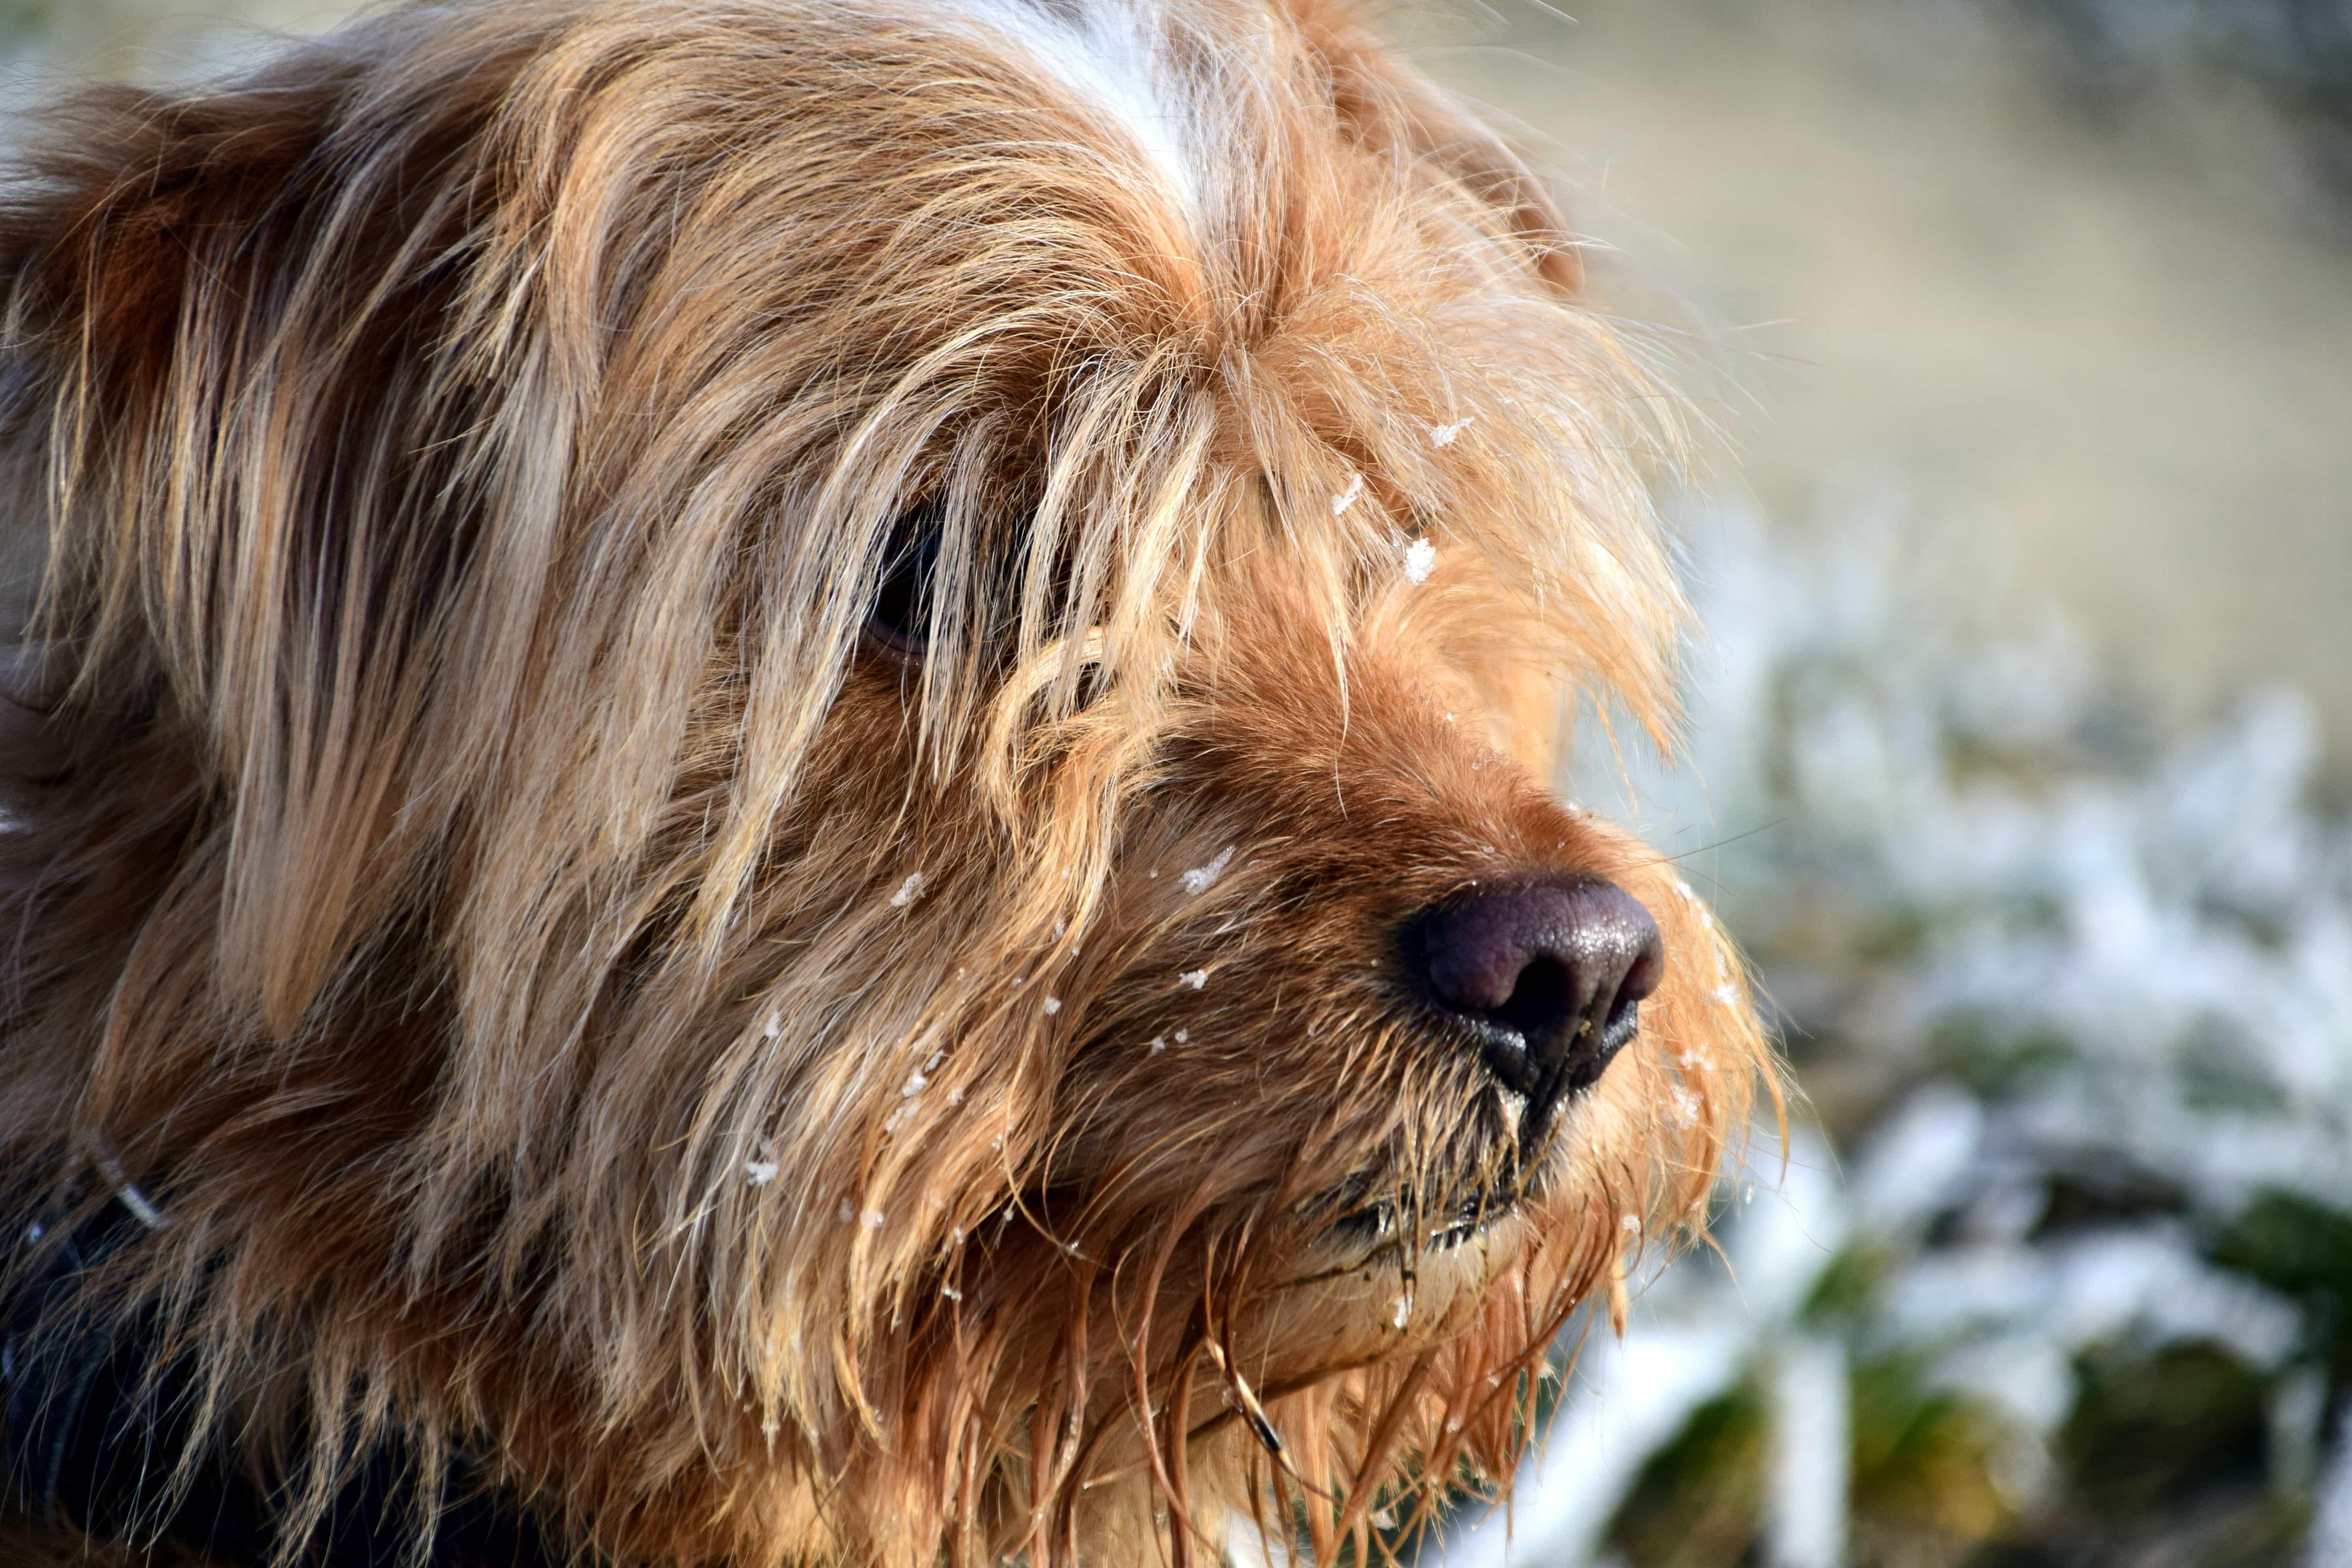 Best Fur Brown Adorable Dog - 2017-11-17-14-48-32  Gallery_661017  .jpg